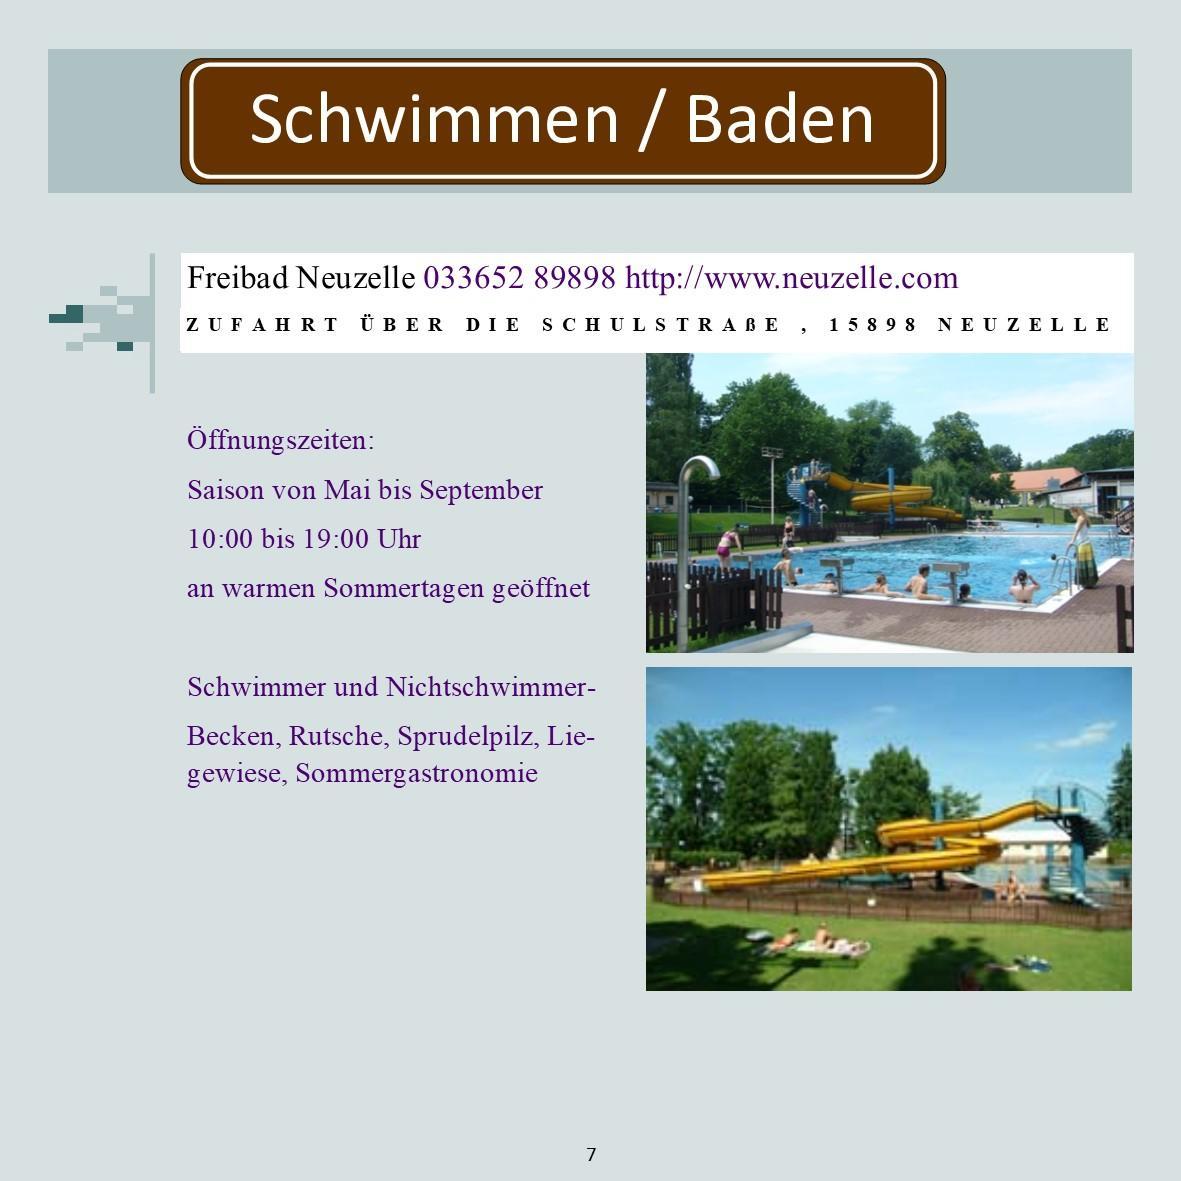 Neuzelle_Freizeit_Kärtchen_Aktivitäten7